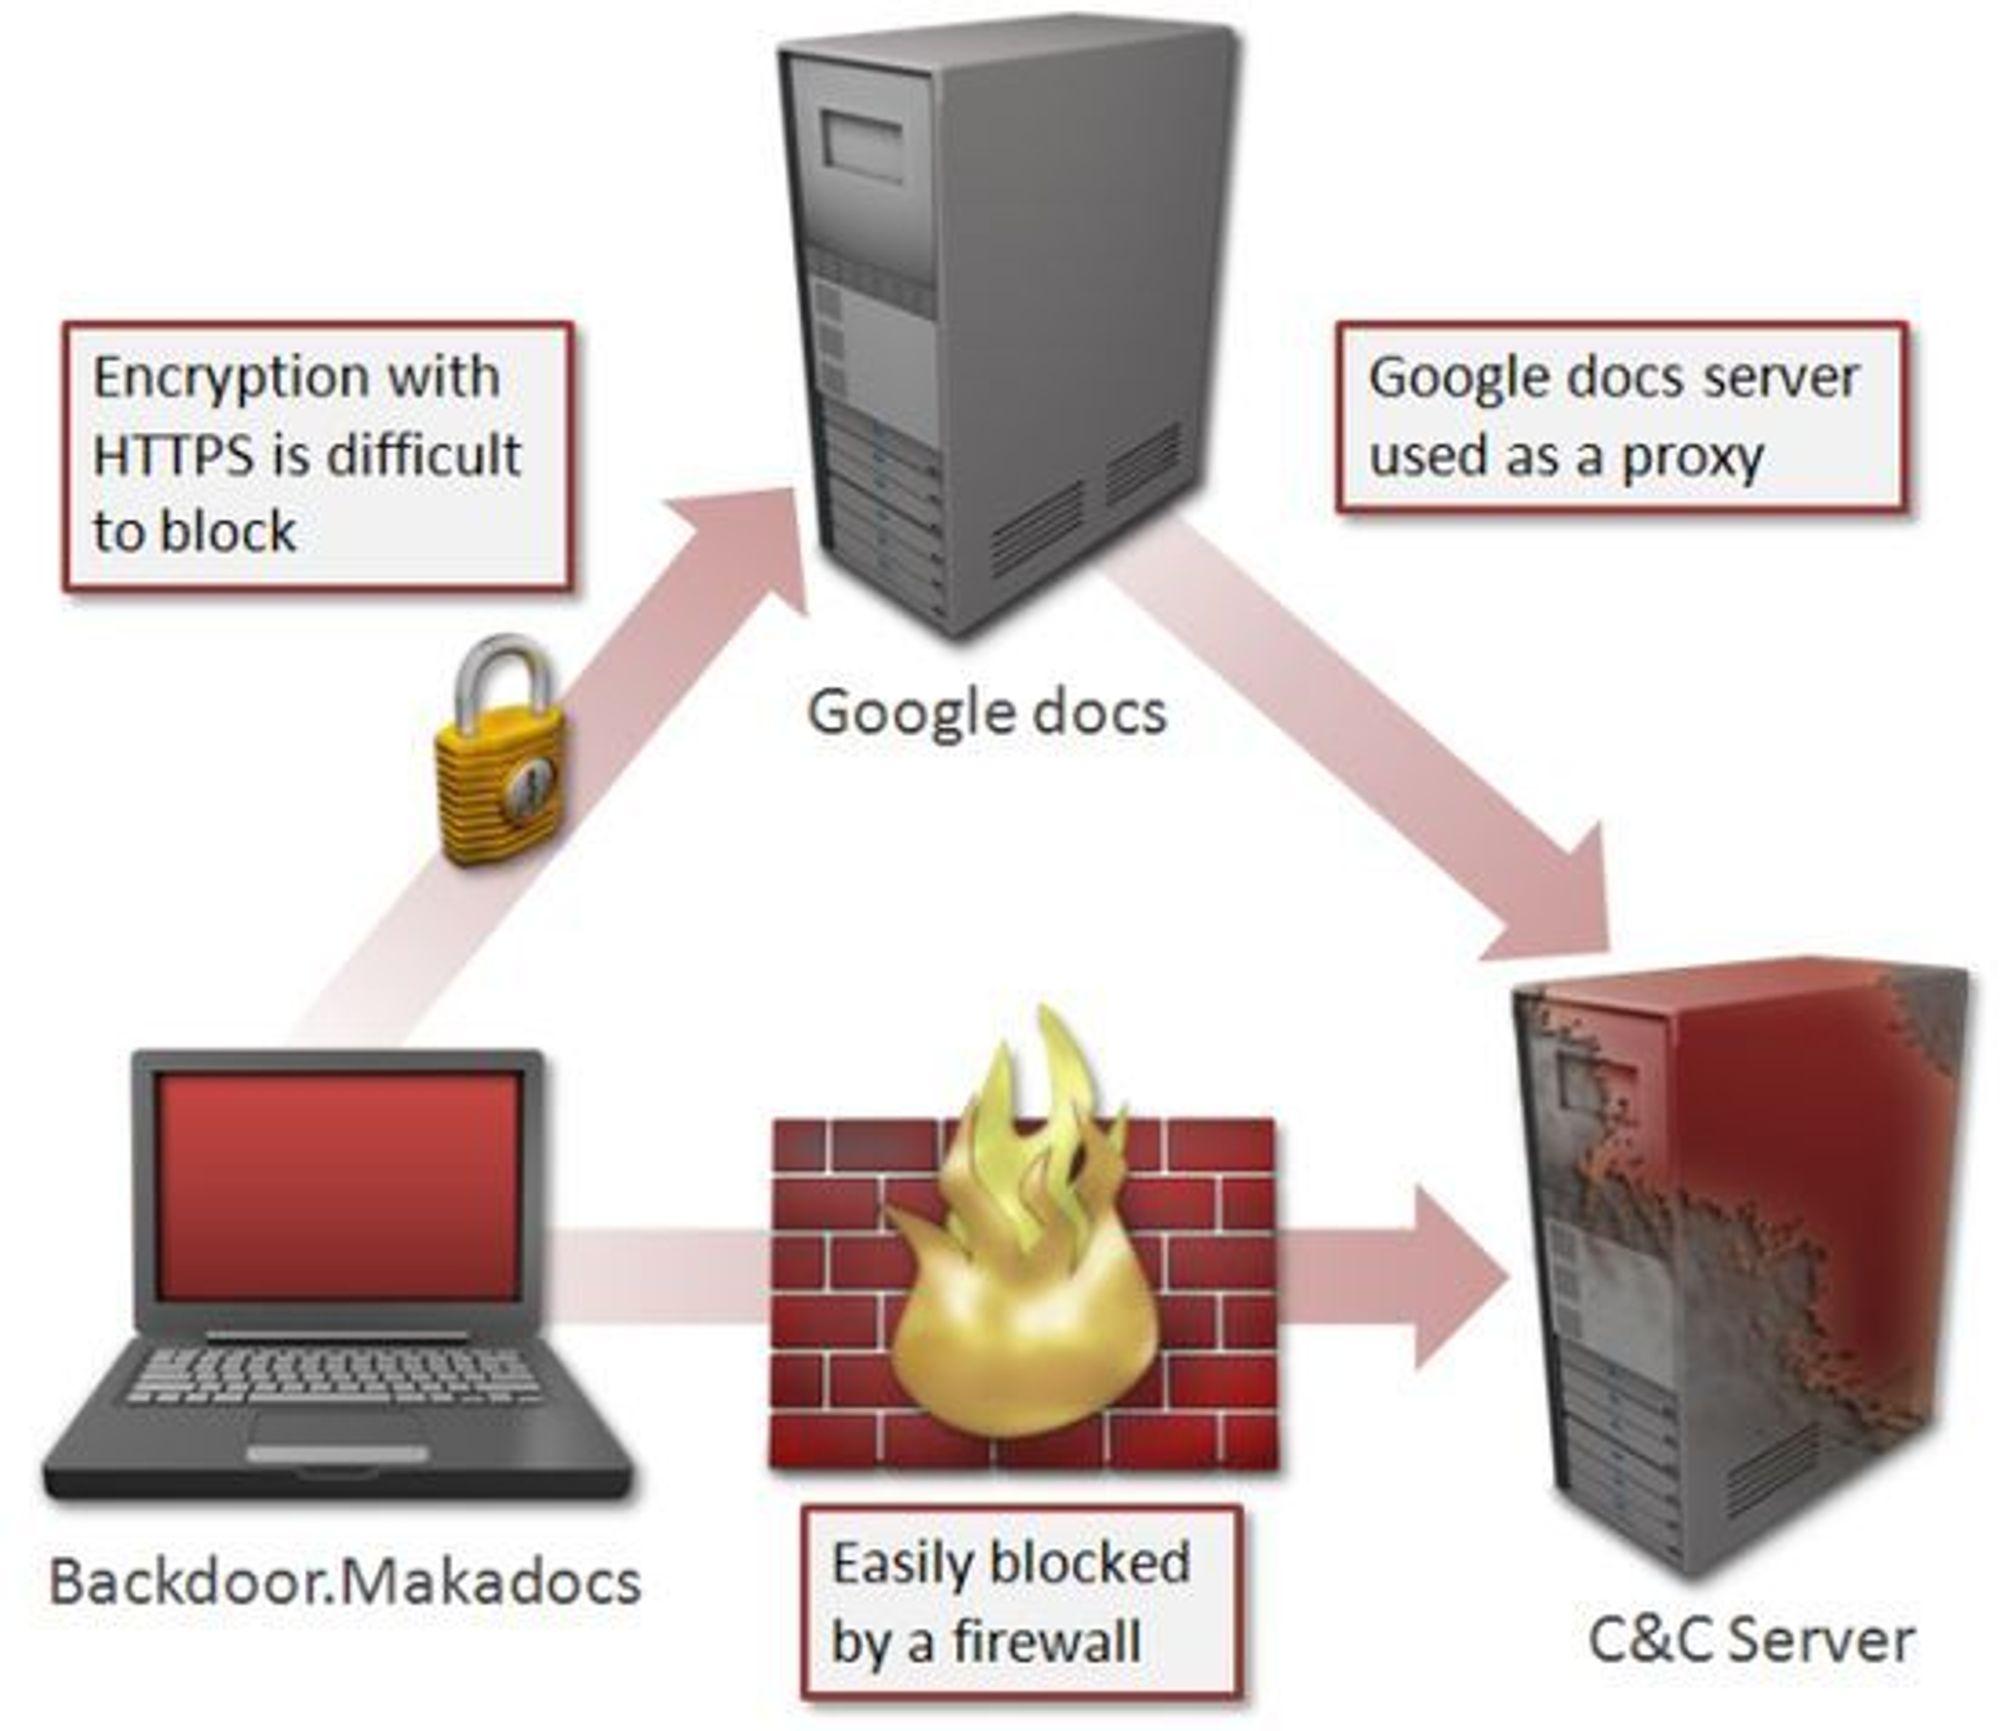 Skadevaren Backdoor.Makadocs bruker Google Docs-servere som en reléstasjon for å gjøre det vanskeligere å oppdage og sperre trafikken.